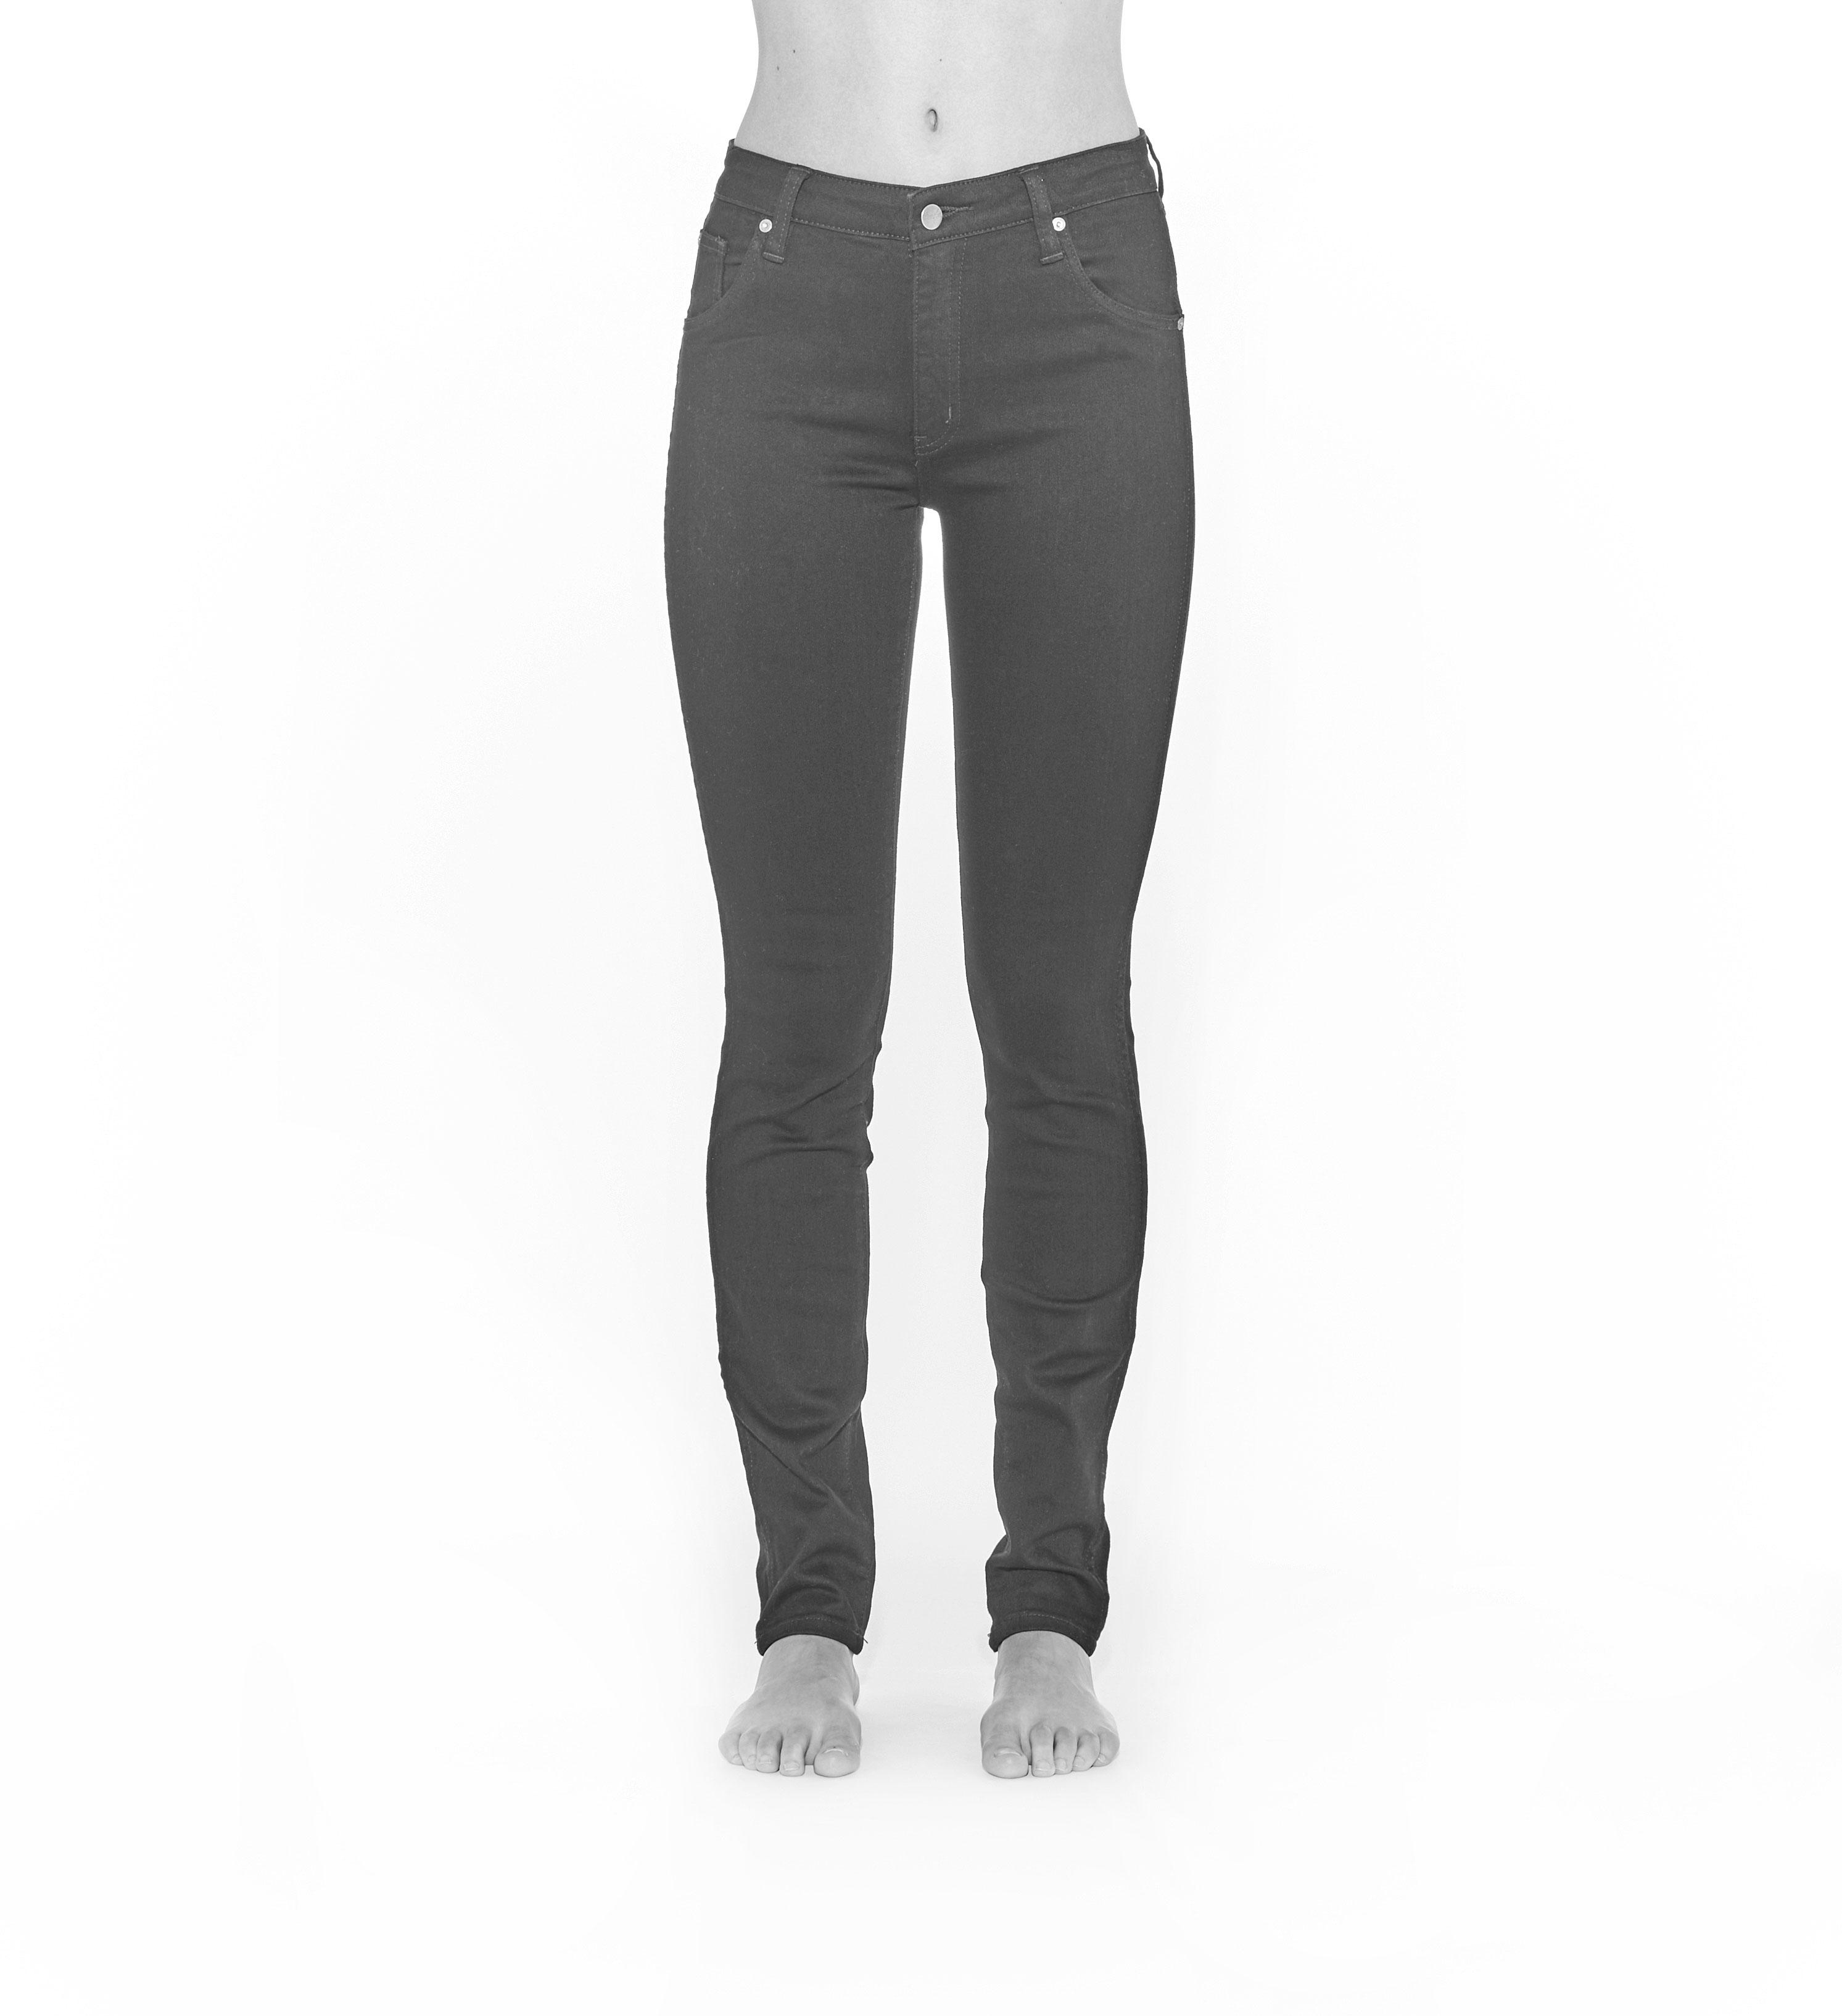 2a655175 Mid Twiggy Jeans by Wrangler | Womens Denim | Wrangler Australia ...